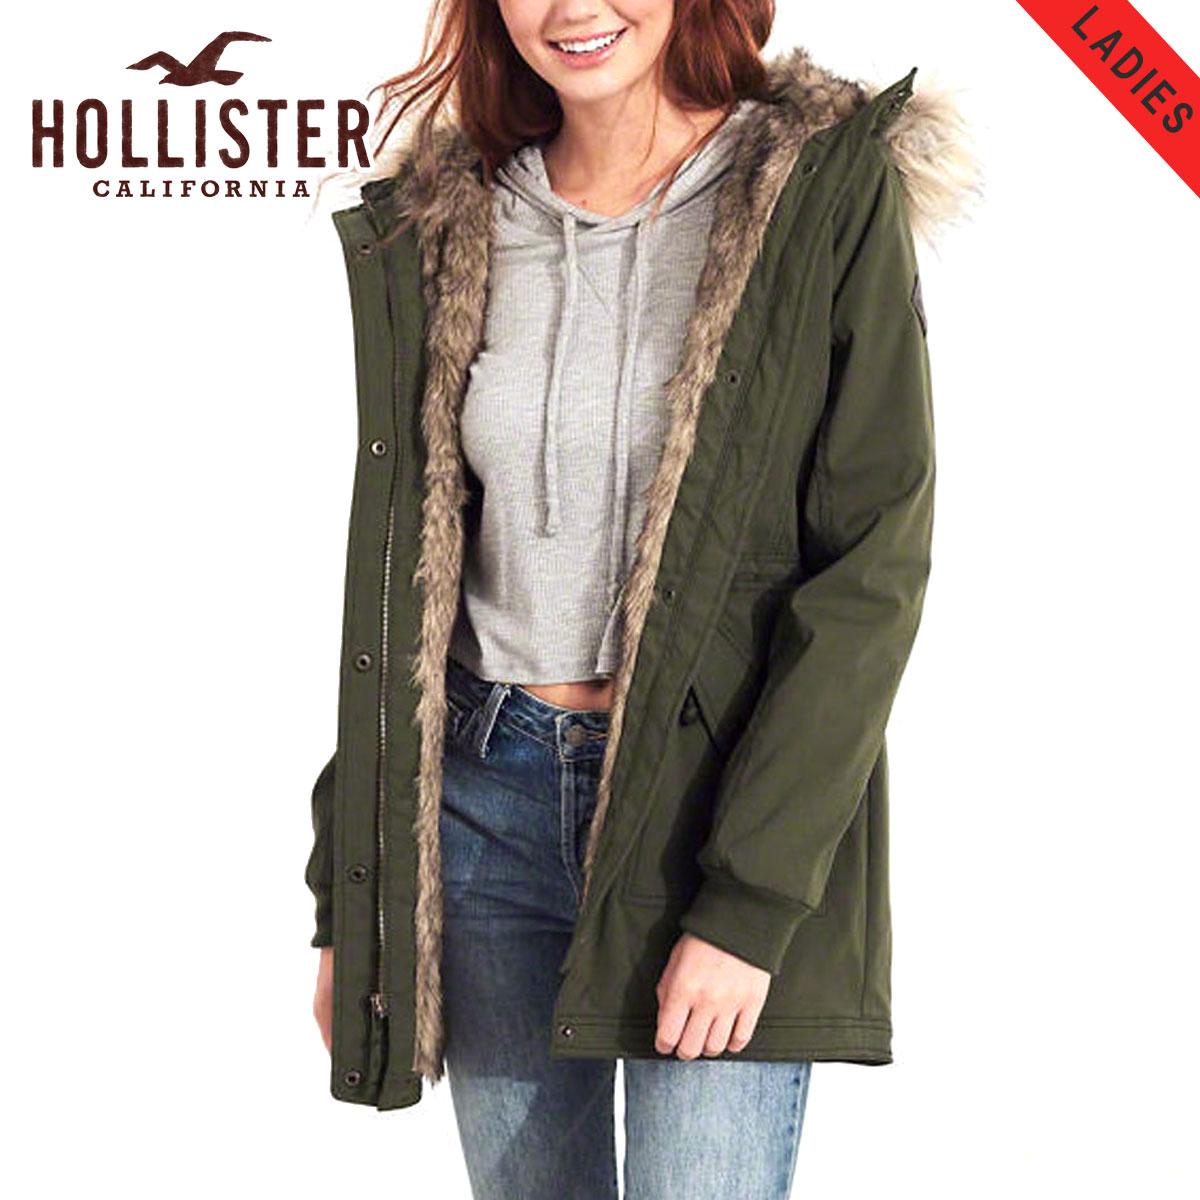 ホリスター HOLLISTER 正規品 レディース アウター フードロングコート Stretch Faux-Fur-Lined Parka 344-445-0674-330